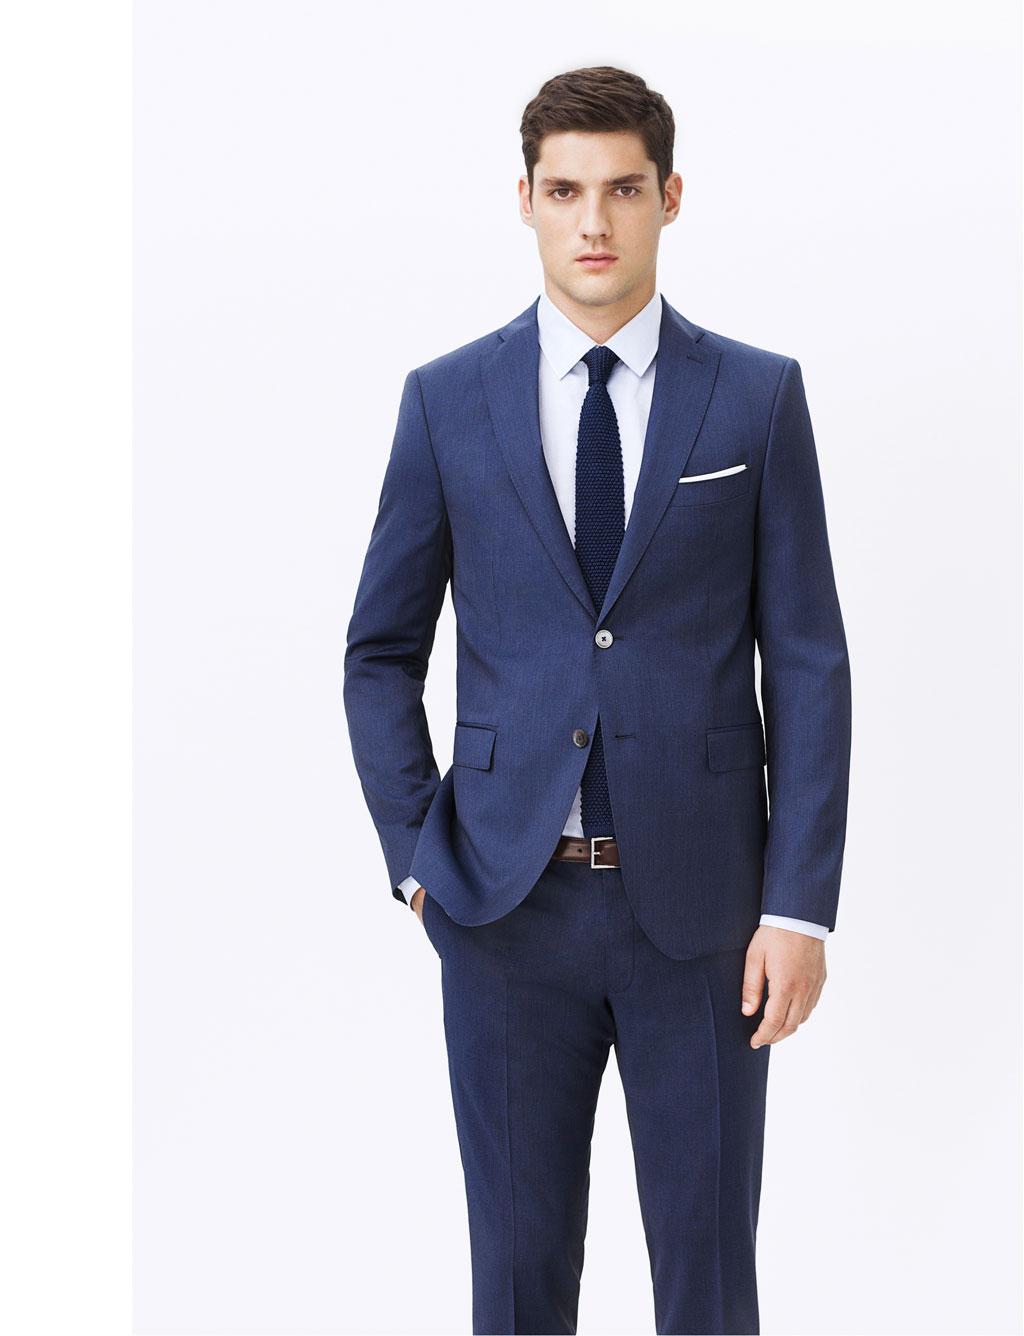 Le costume zara homme est impeccablement taill pour aller nous tous - Costume homme pret a porter ...